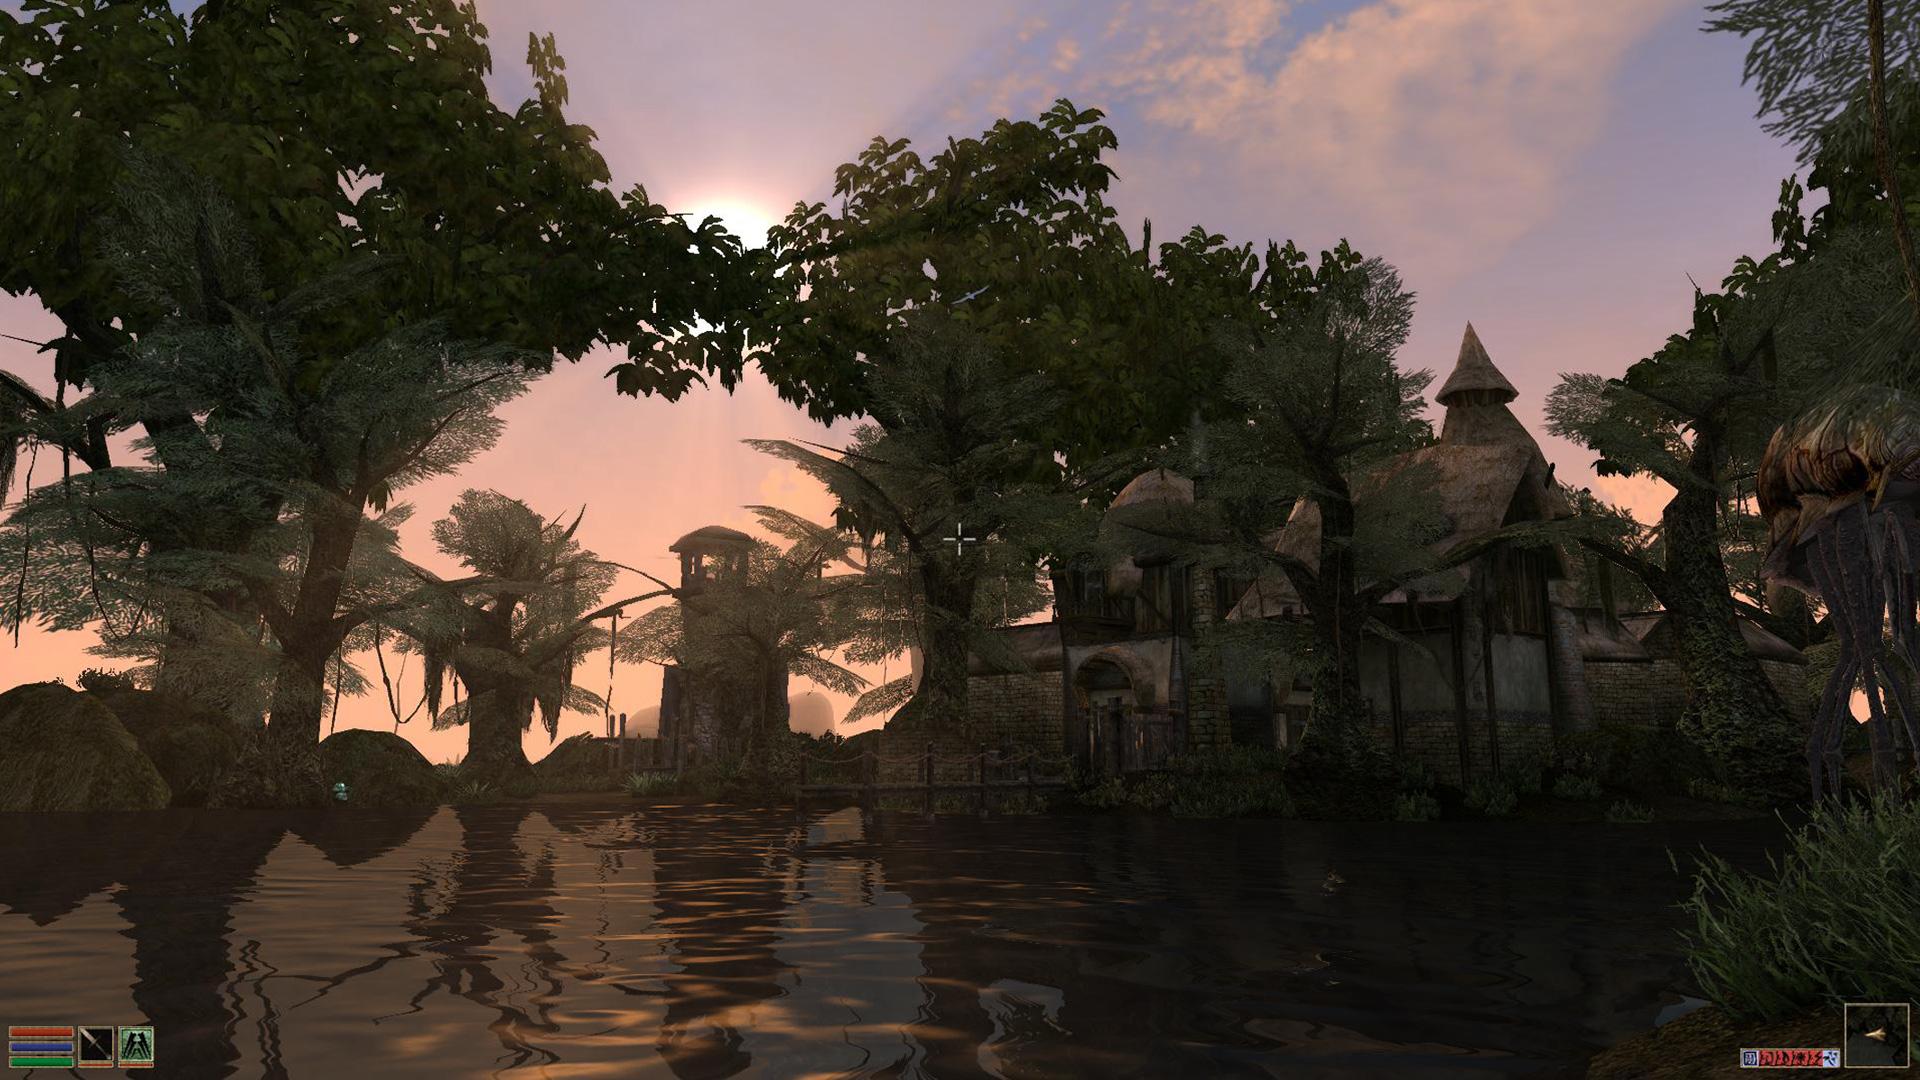 Free The Elder Scrolls III: Morrowind Wallpaper in 1920x1080